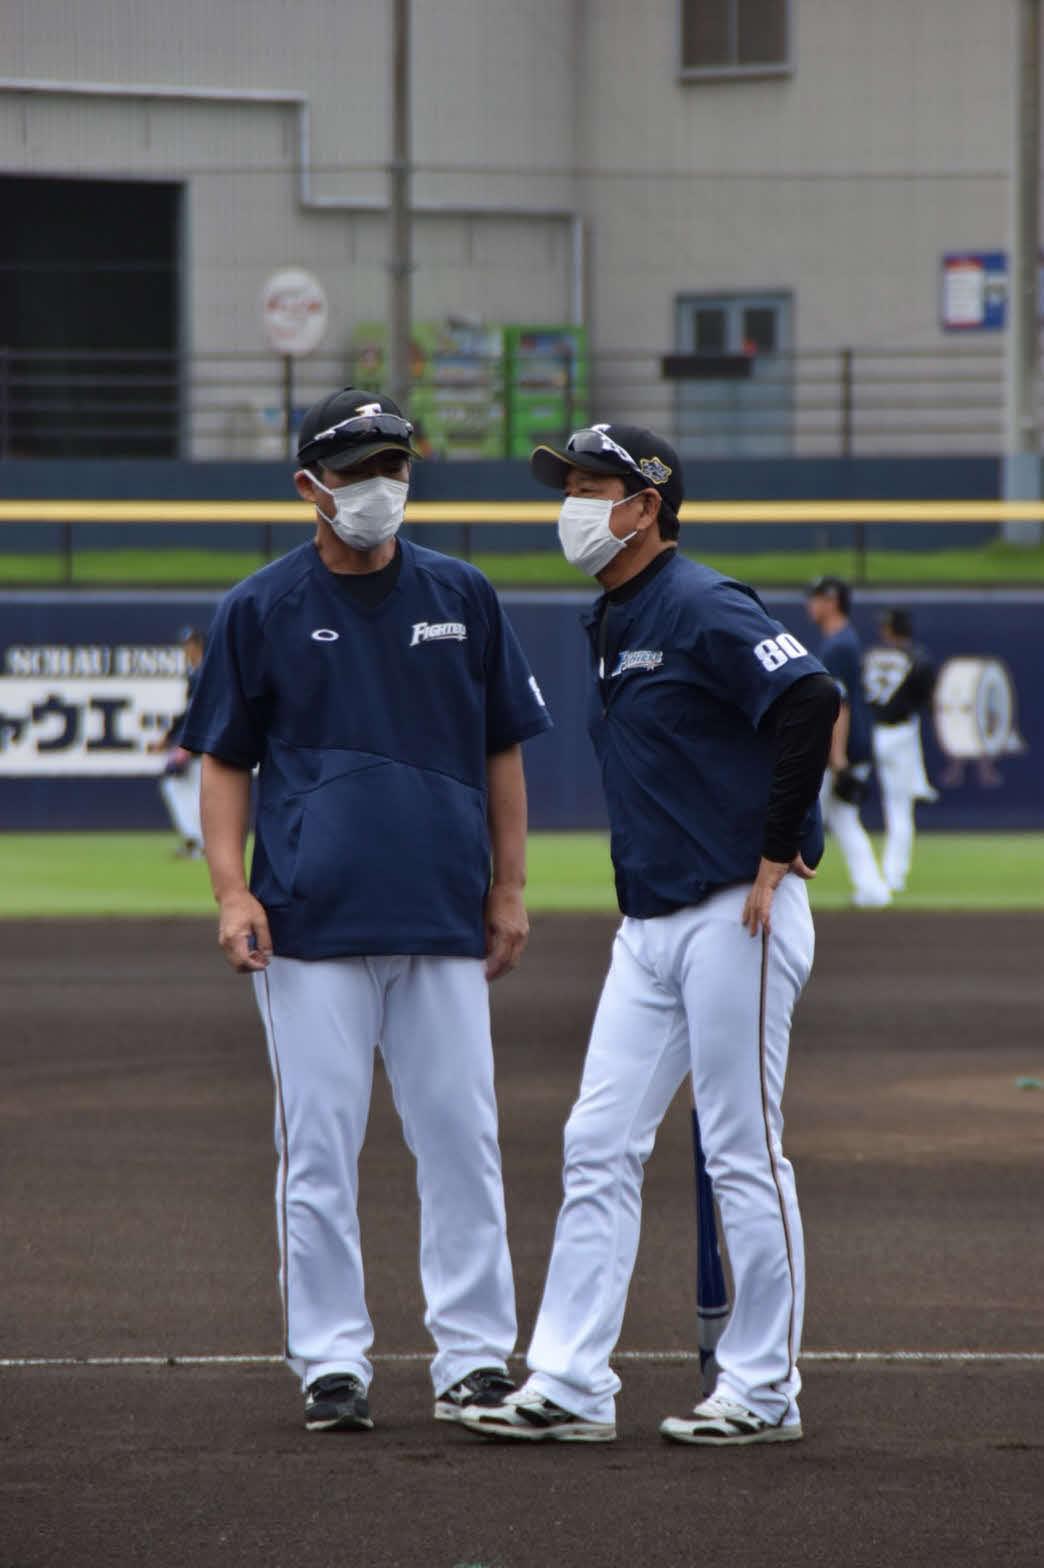 チーム練習を見守った日本ハム栗山監督(右)(球団提供)